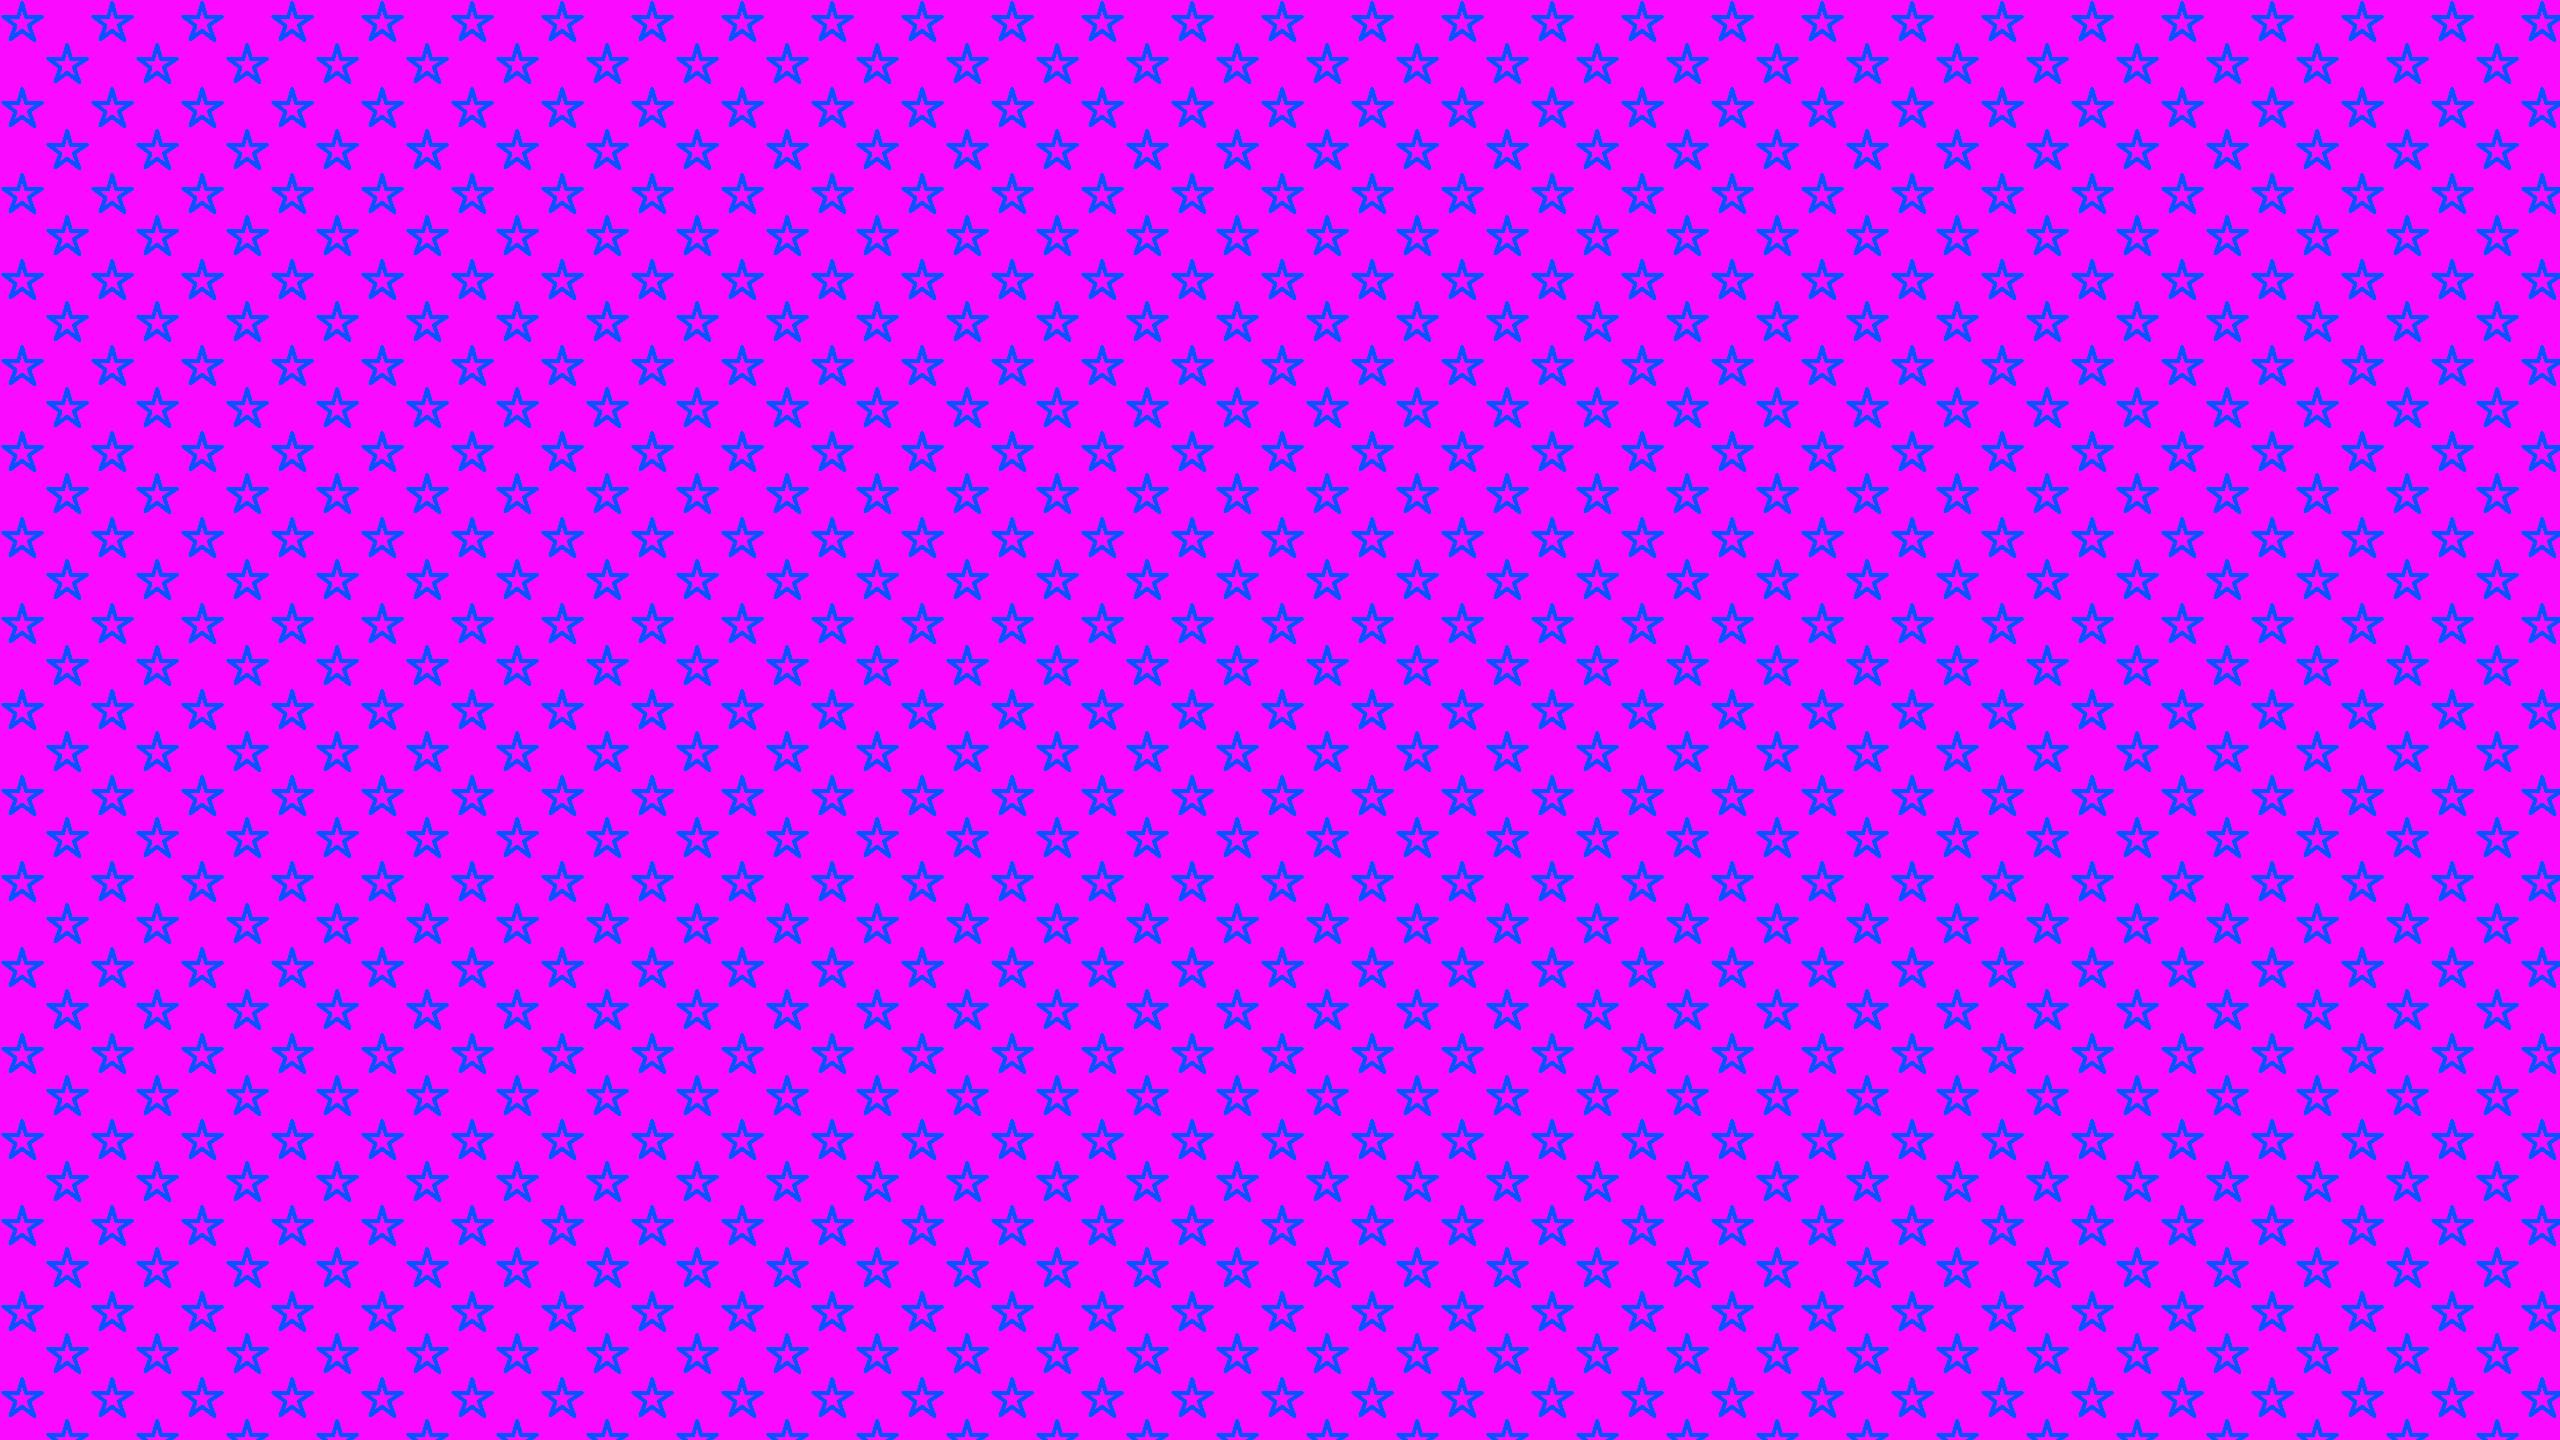 Purple pink wallpaper wallpapersafari - Pink and purple wallpaper ...